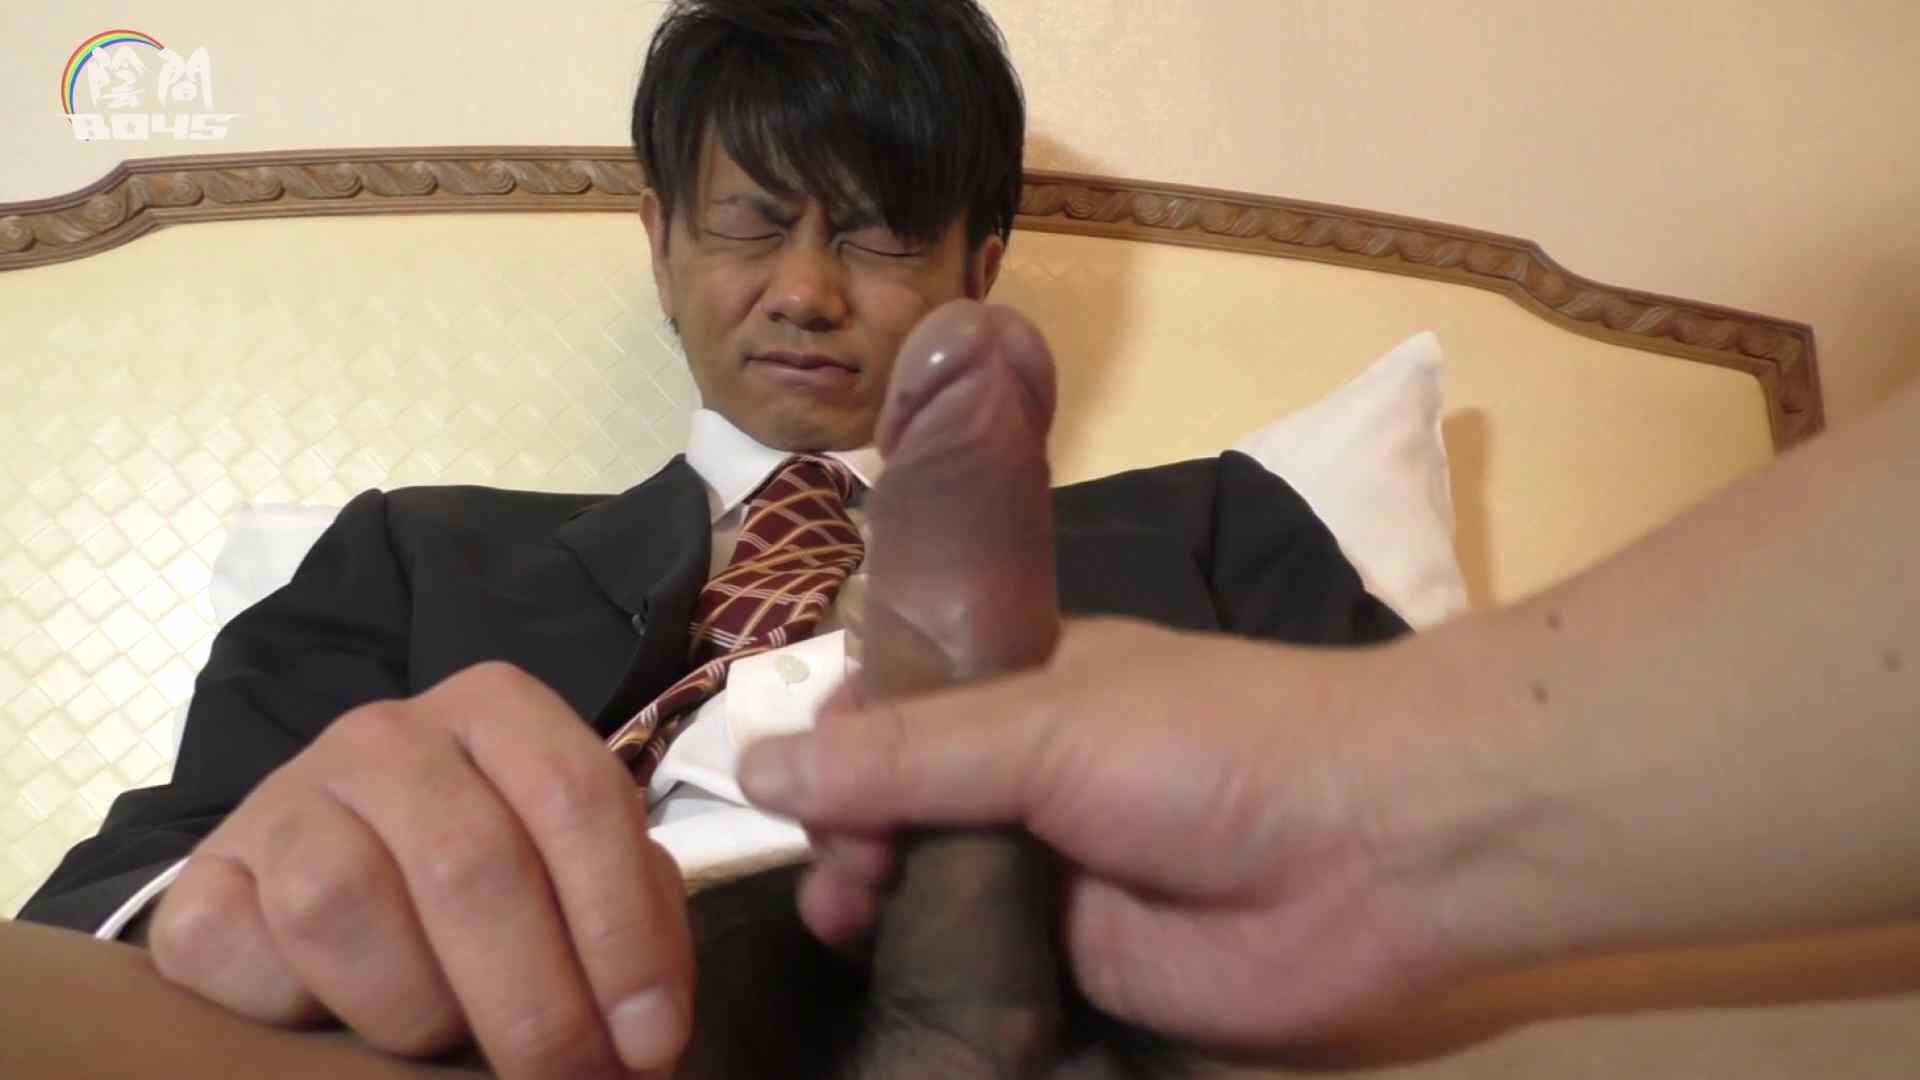 陰間BOYS~キャバクラの仕事はアナルから4 Vol.02 発射  111pic 58